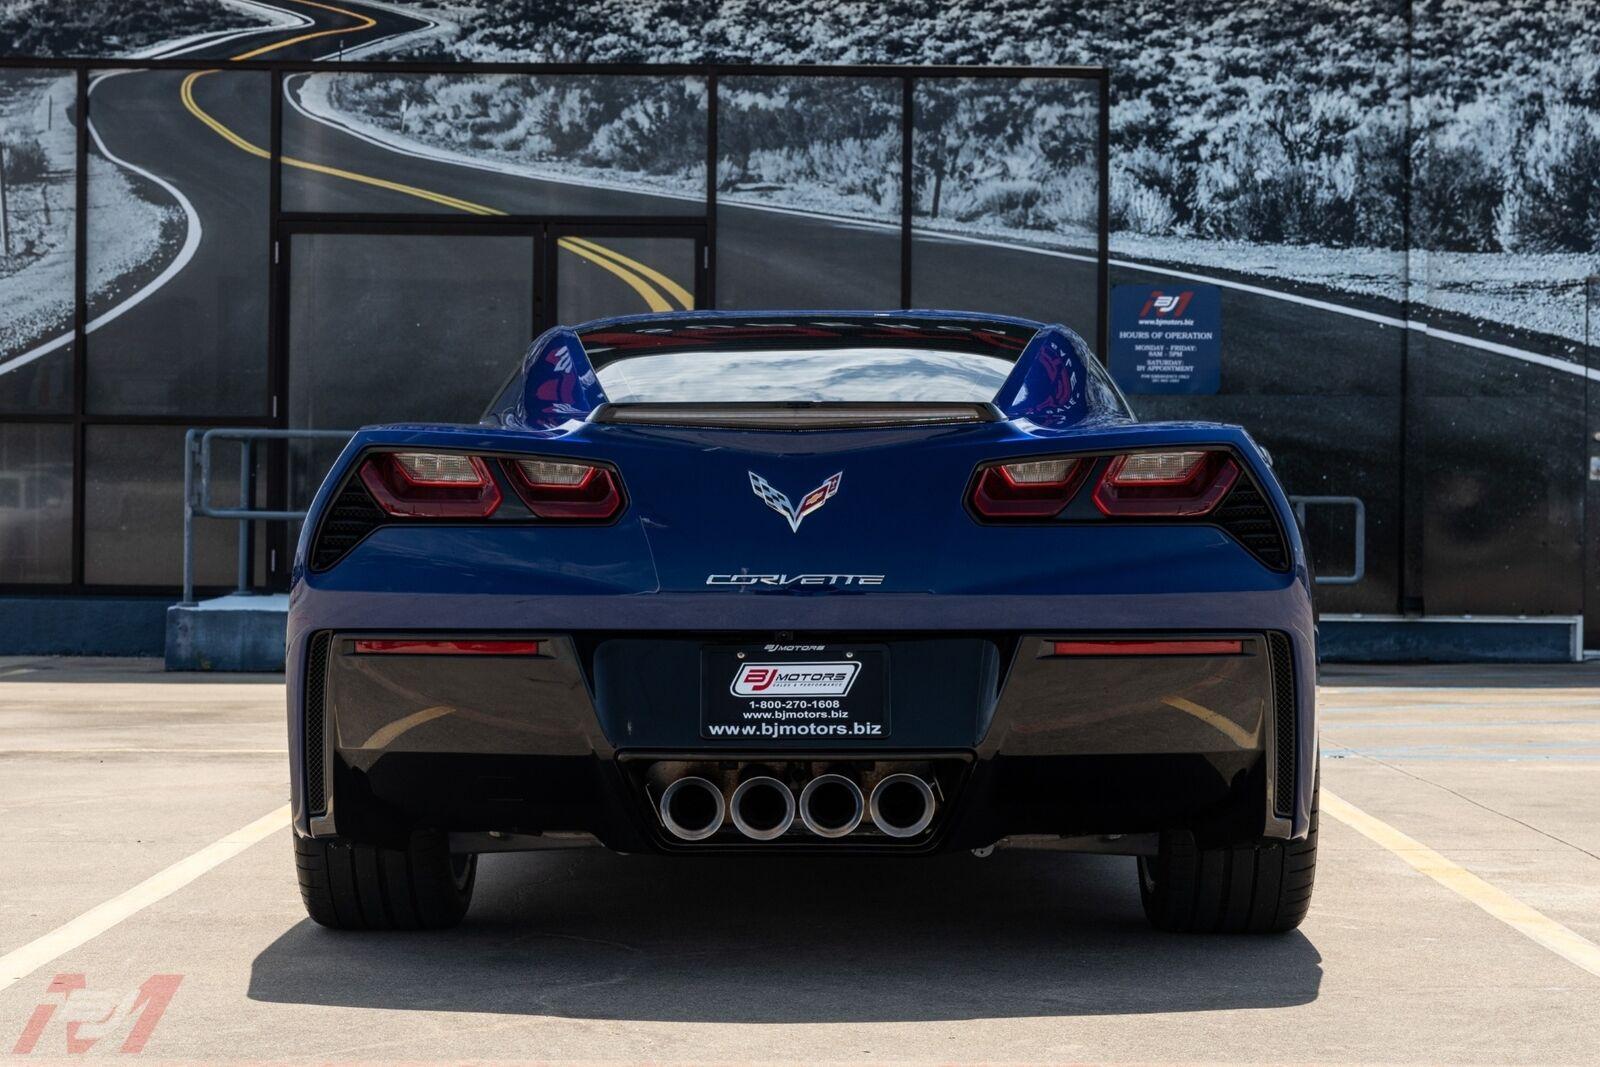 2017 Blue Chevrolet Corvette  2LT | C7 Corvette Photo 4